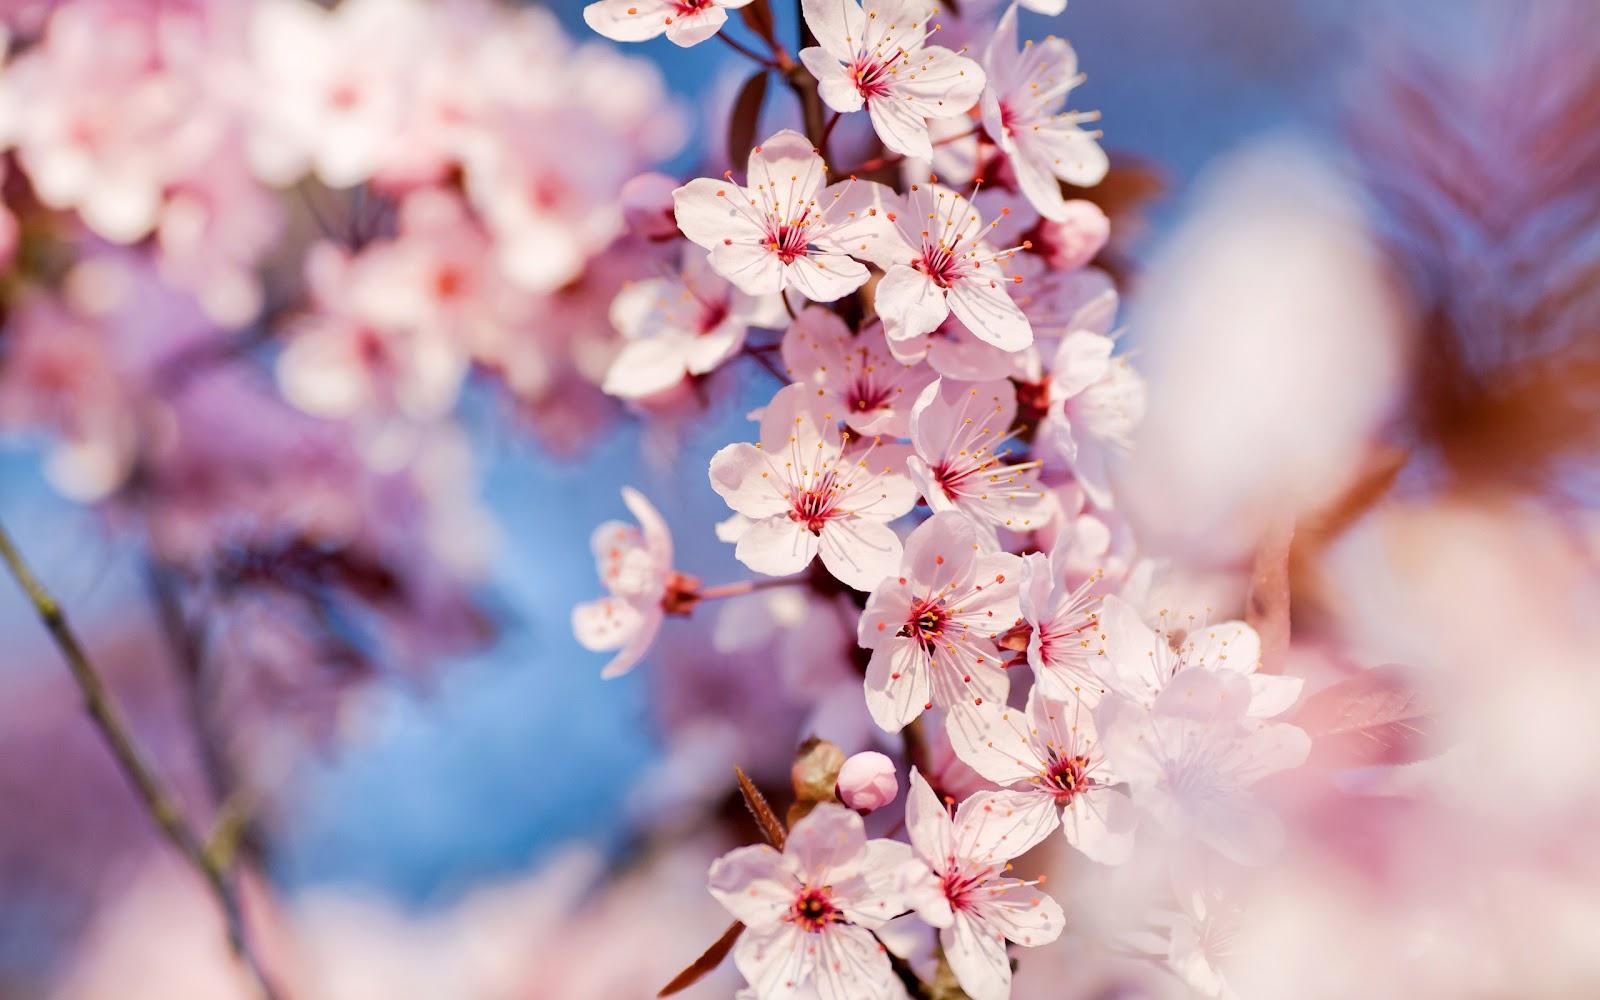 http://1.bp.blogspot.com/-klH0uFlcoEE/T1M7s9AohAI/AAAAAAAAB_U/If2K5iLKQbc/s1600/cherry-blossoms.jpg